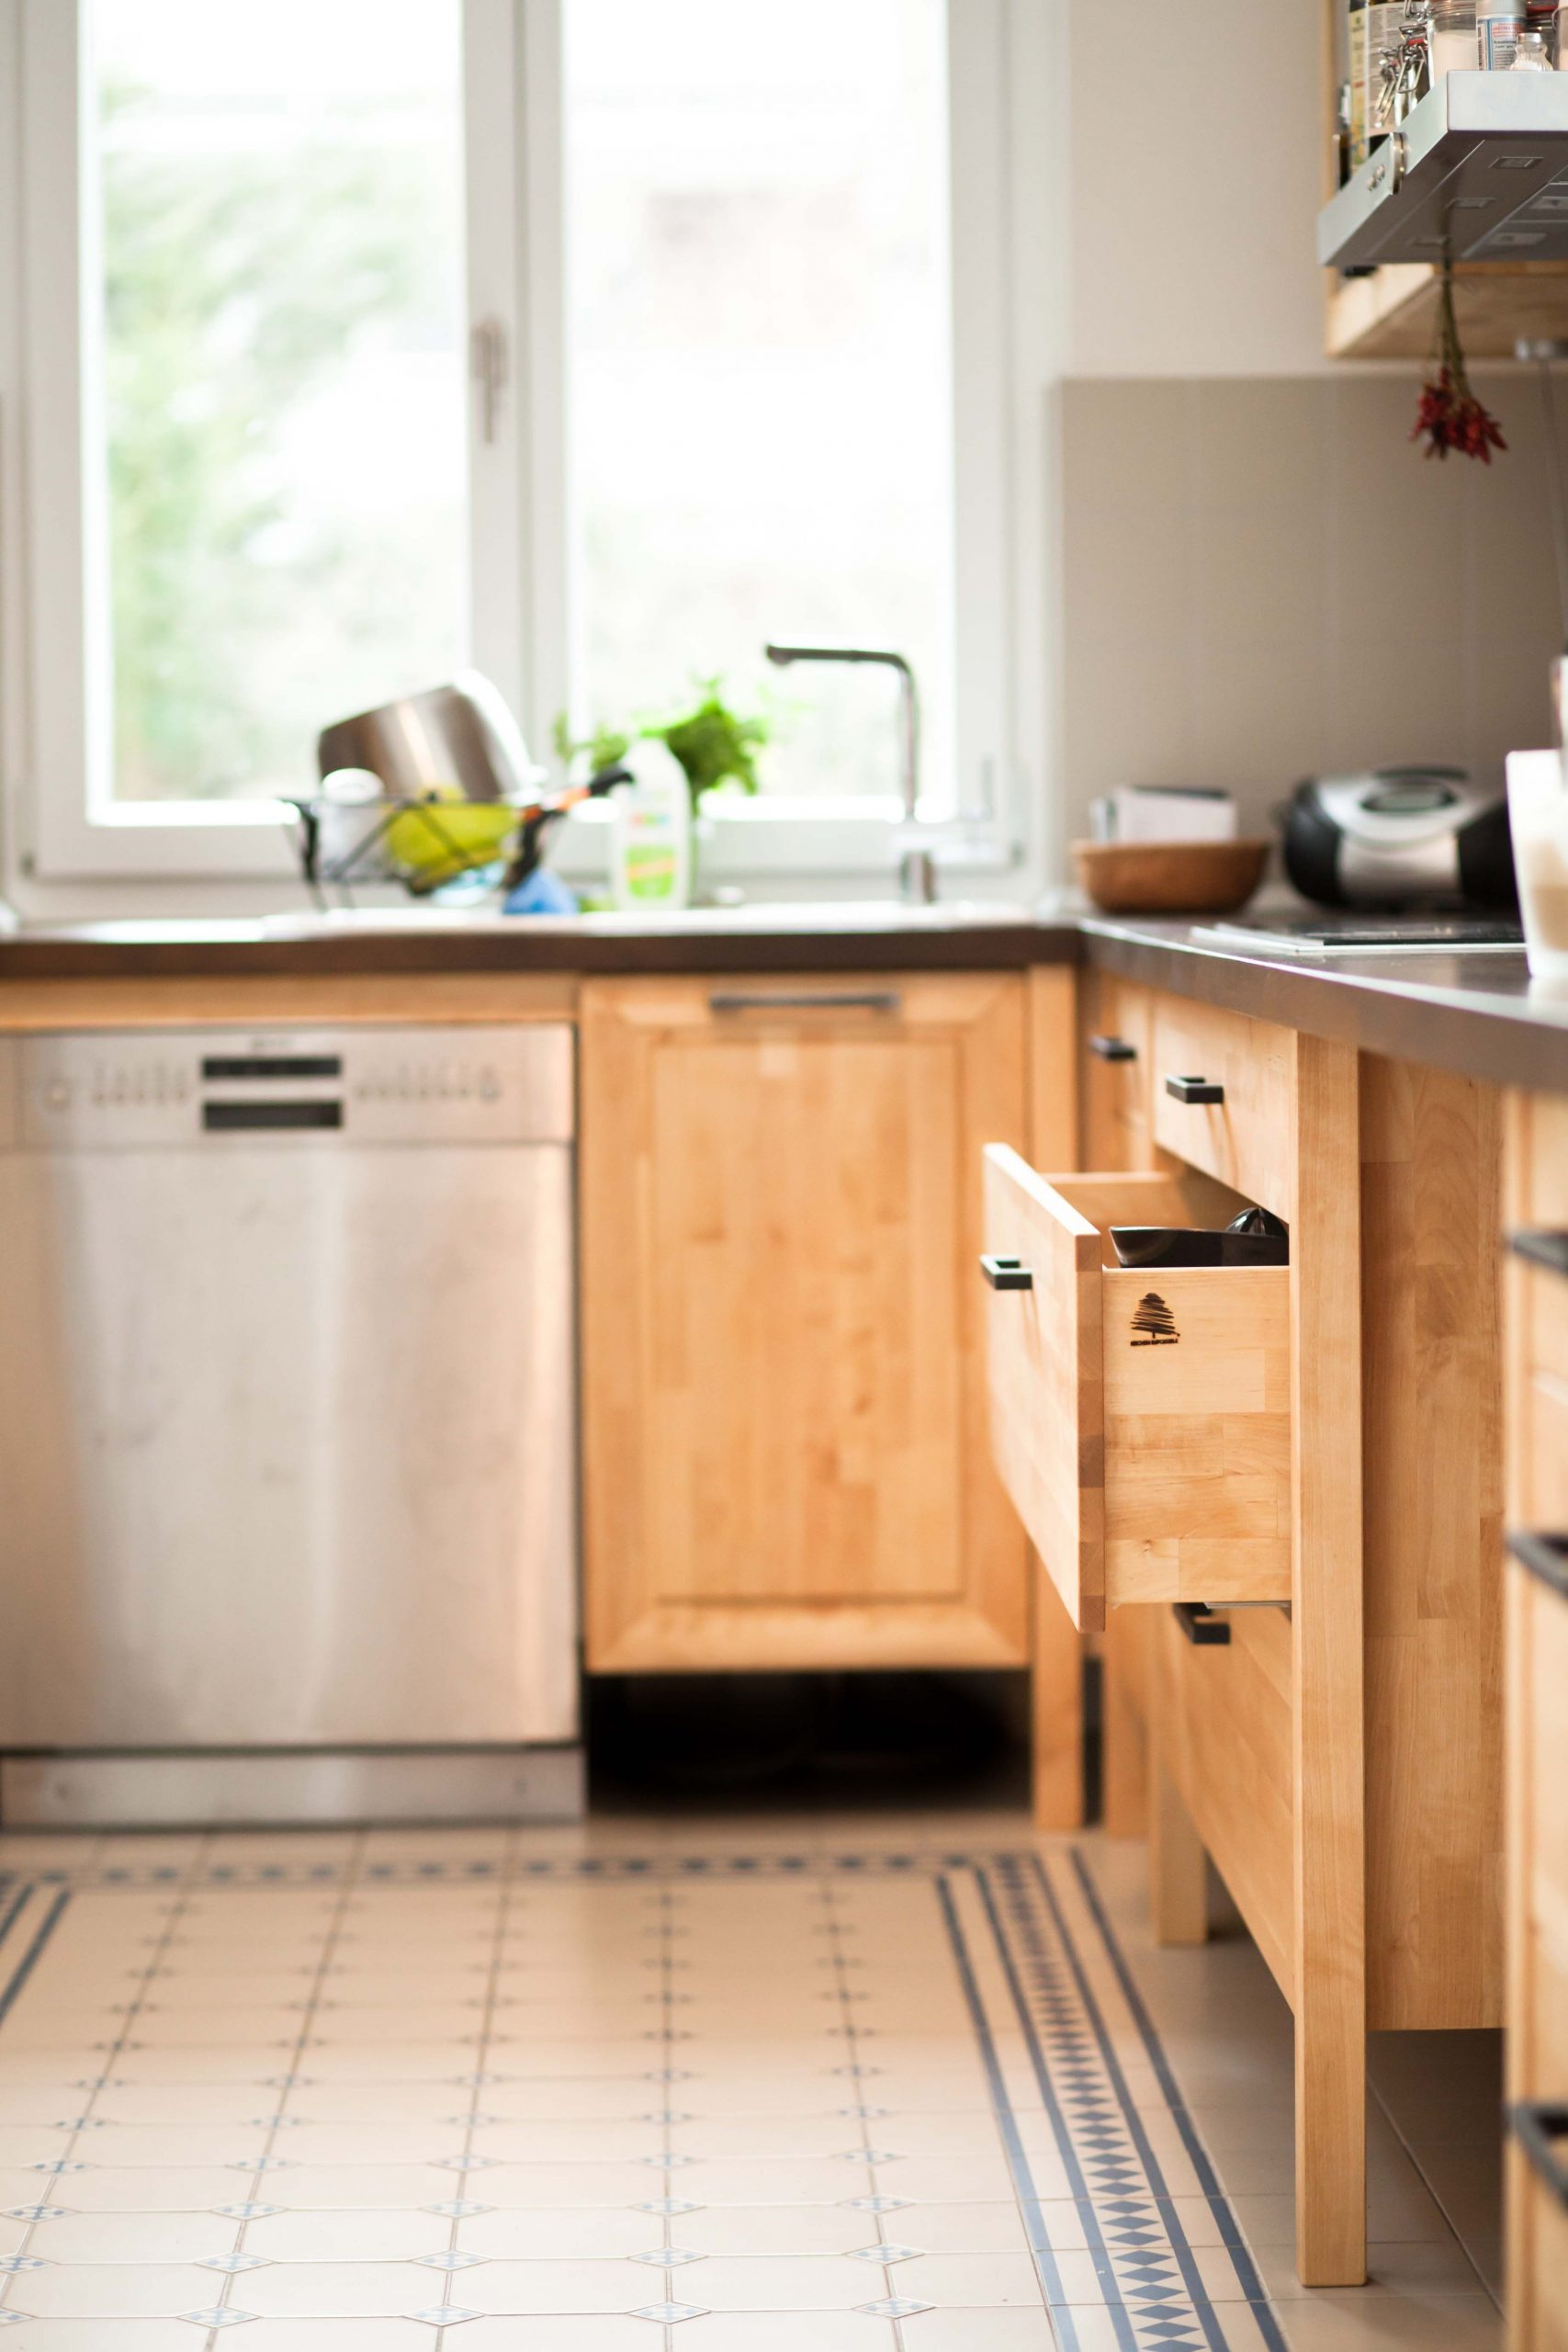 Full Size of Massivholzküche Weiß Massivholzküchen Abverkauf Pfister Massivholzküche Massivholzküchen Hersteller österreich Küche Massivholzküche